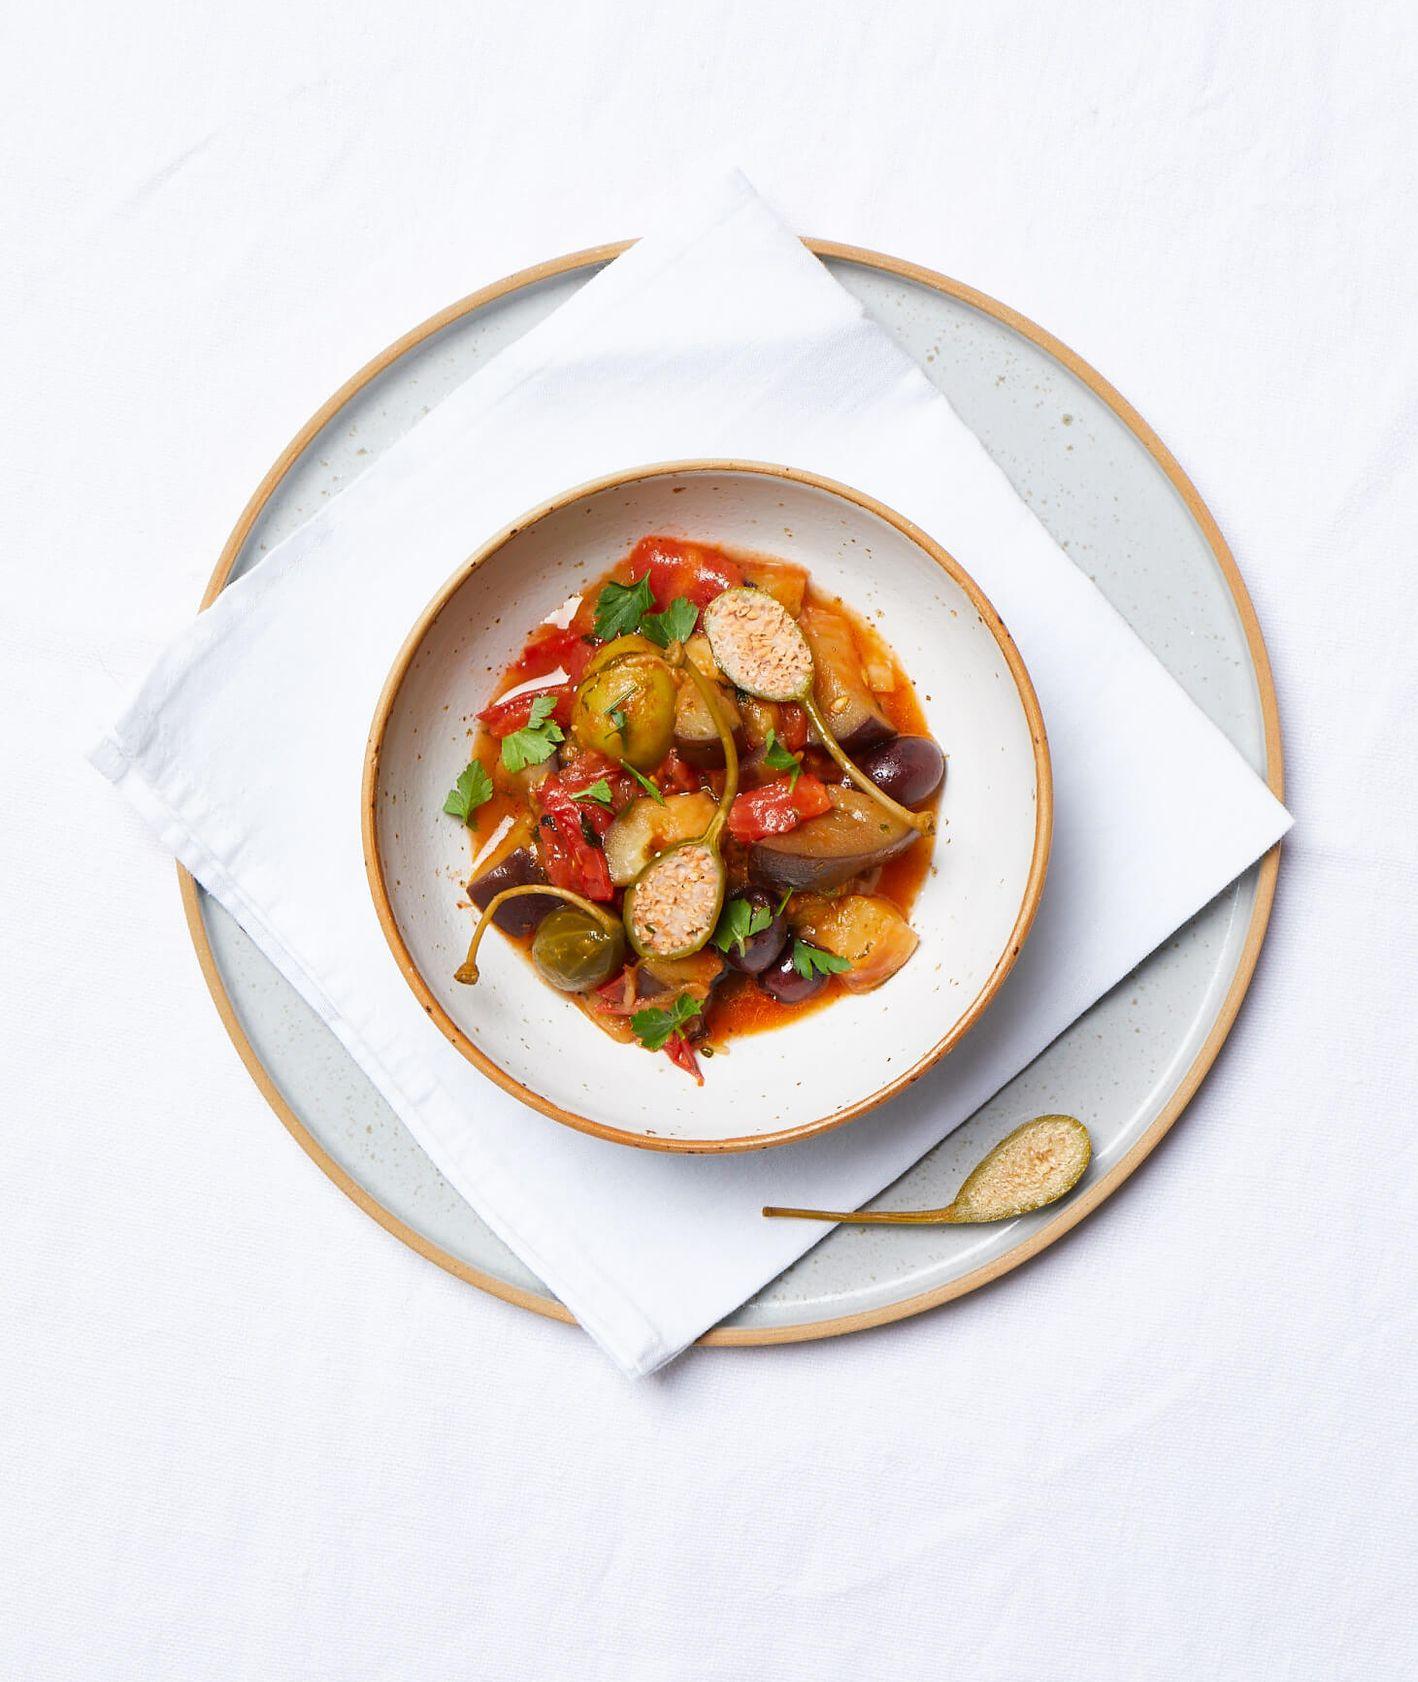 caponata, włoska caponata, włoski bigos, leczo, danie jednogarnkowe, warzywa w pomidorach,